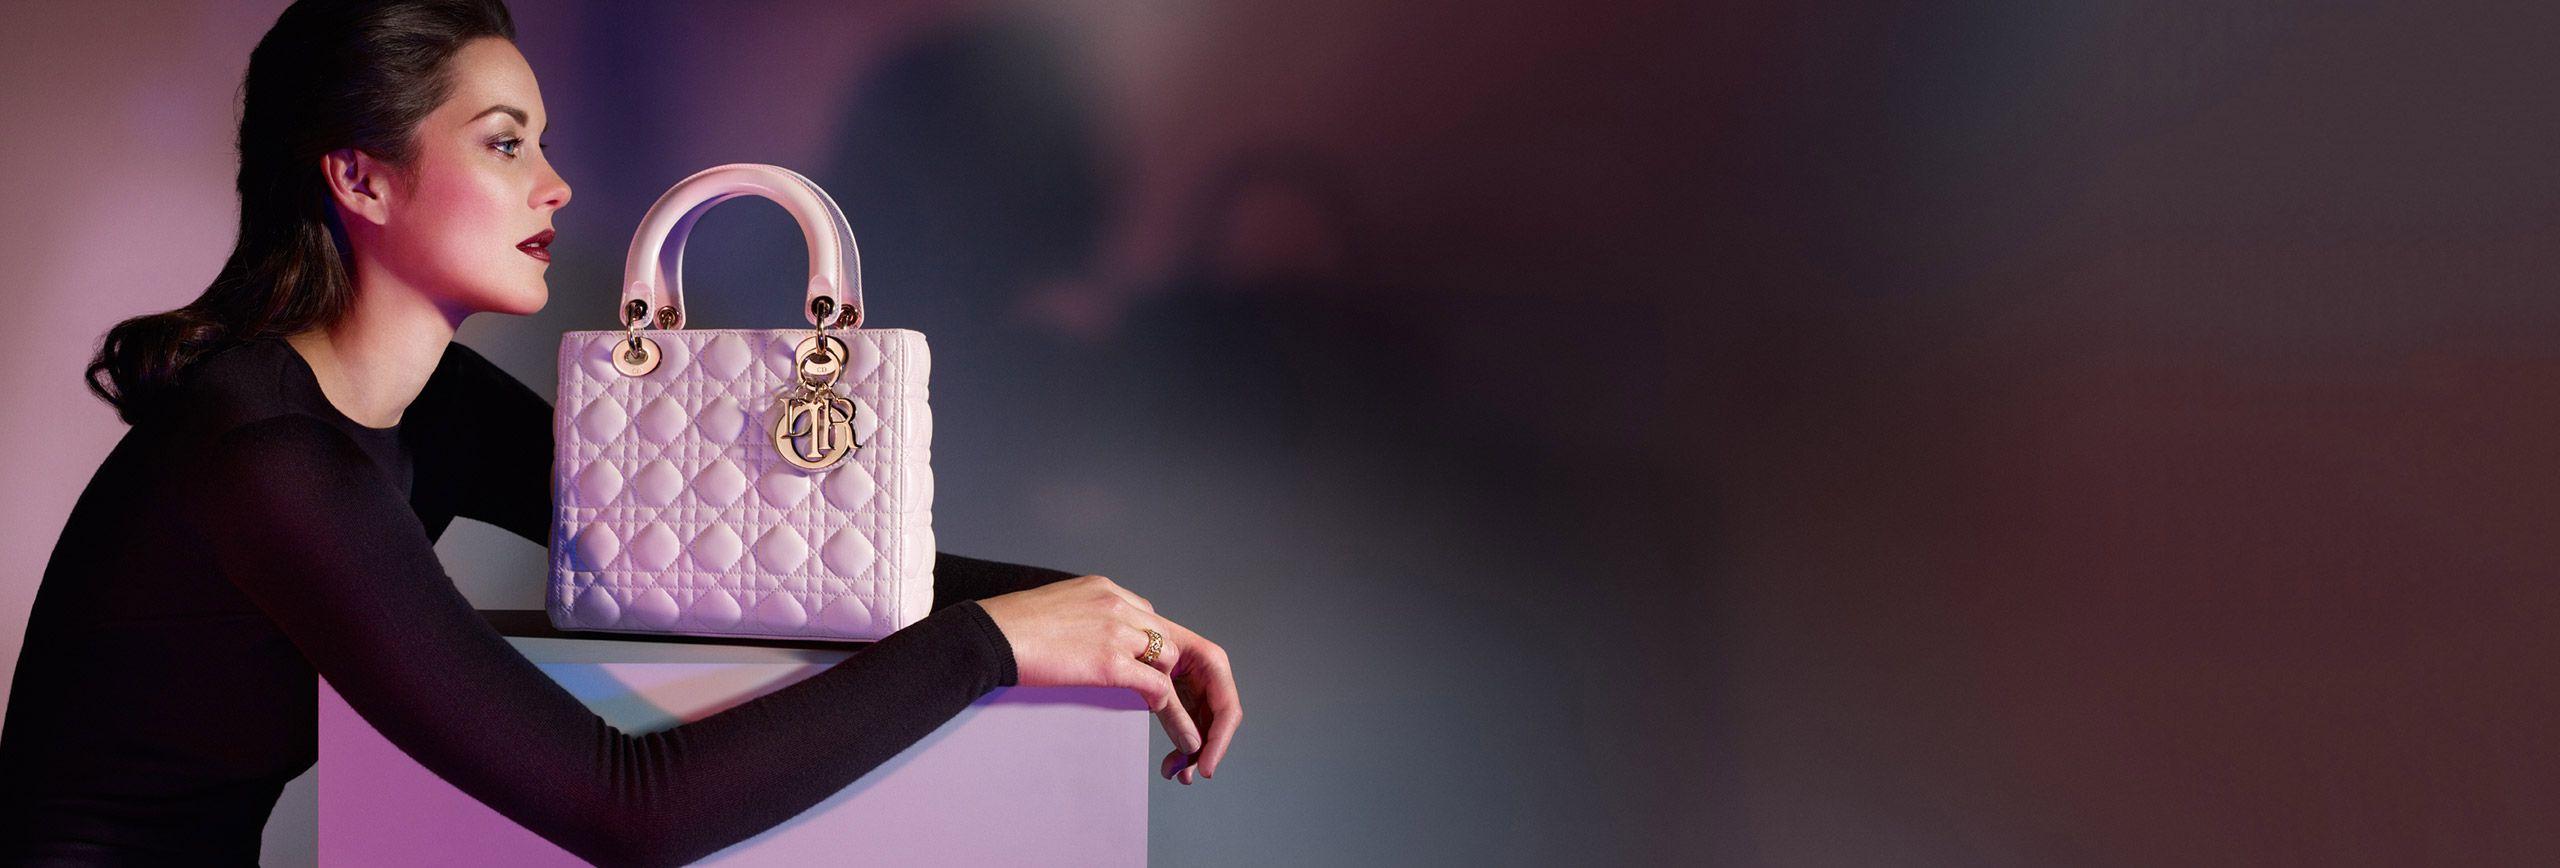 Dior official website DIOR  DIOR